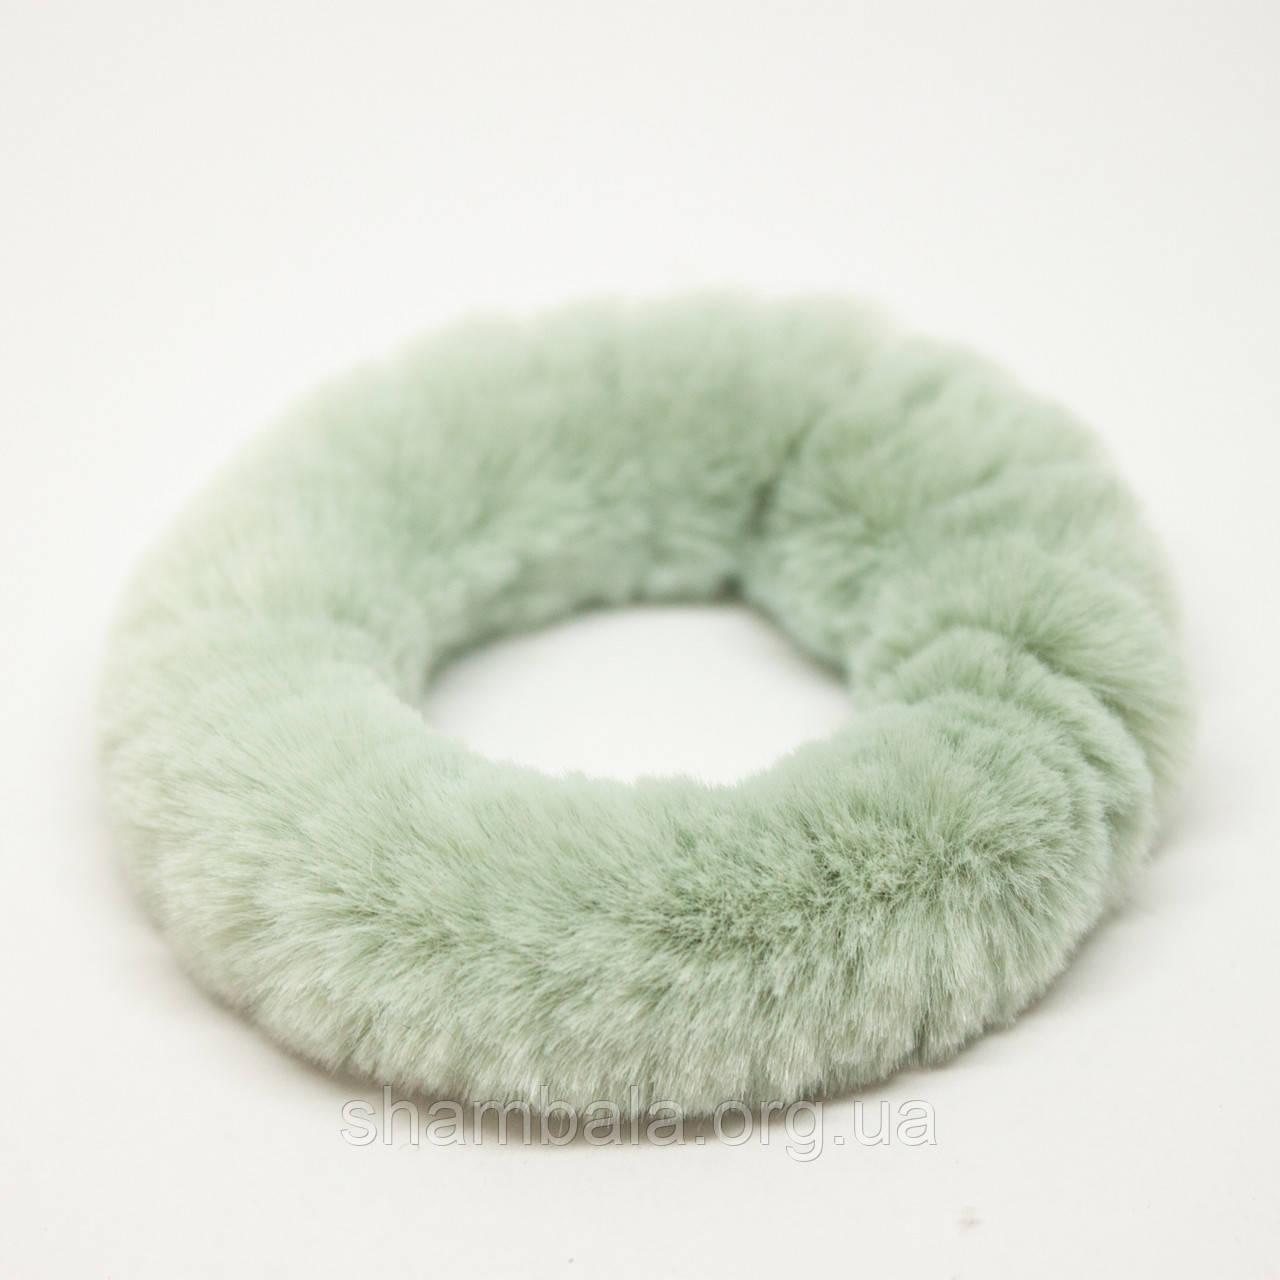 Меховая резинка для волос Xuping Jewelry мятная (65083)